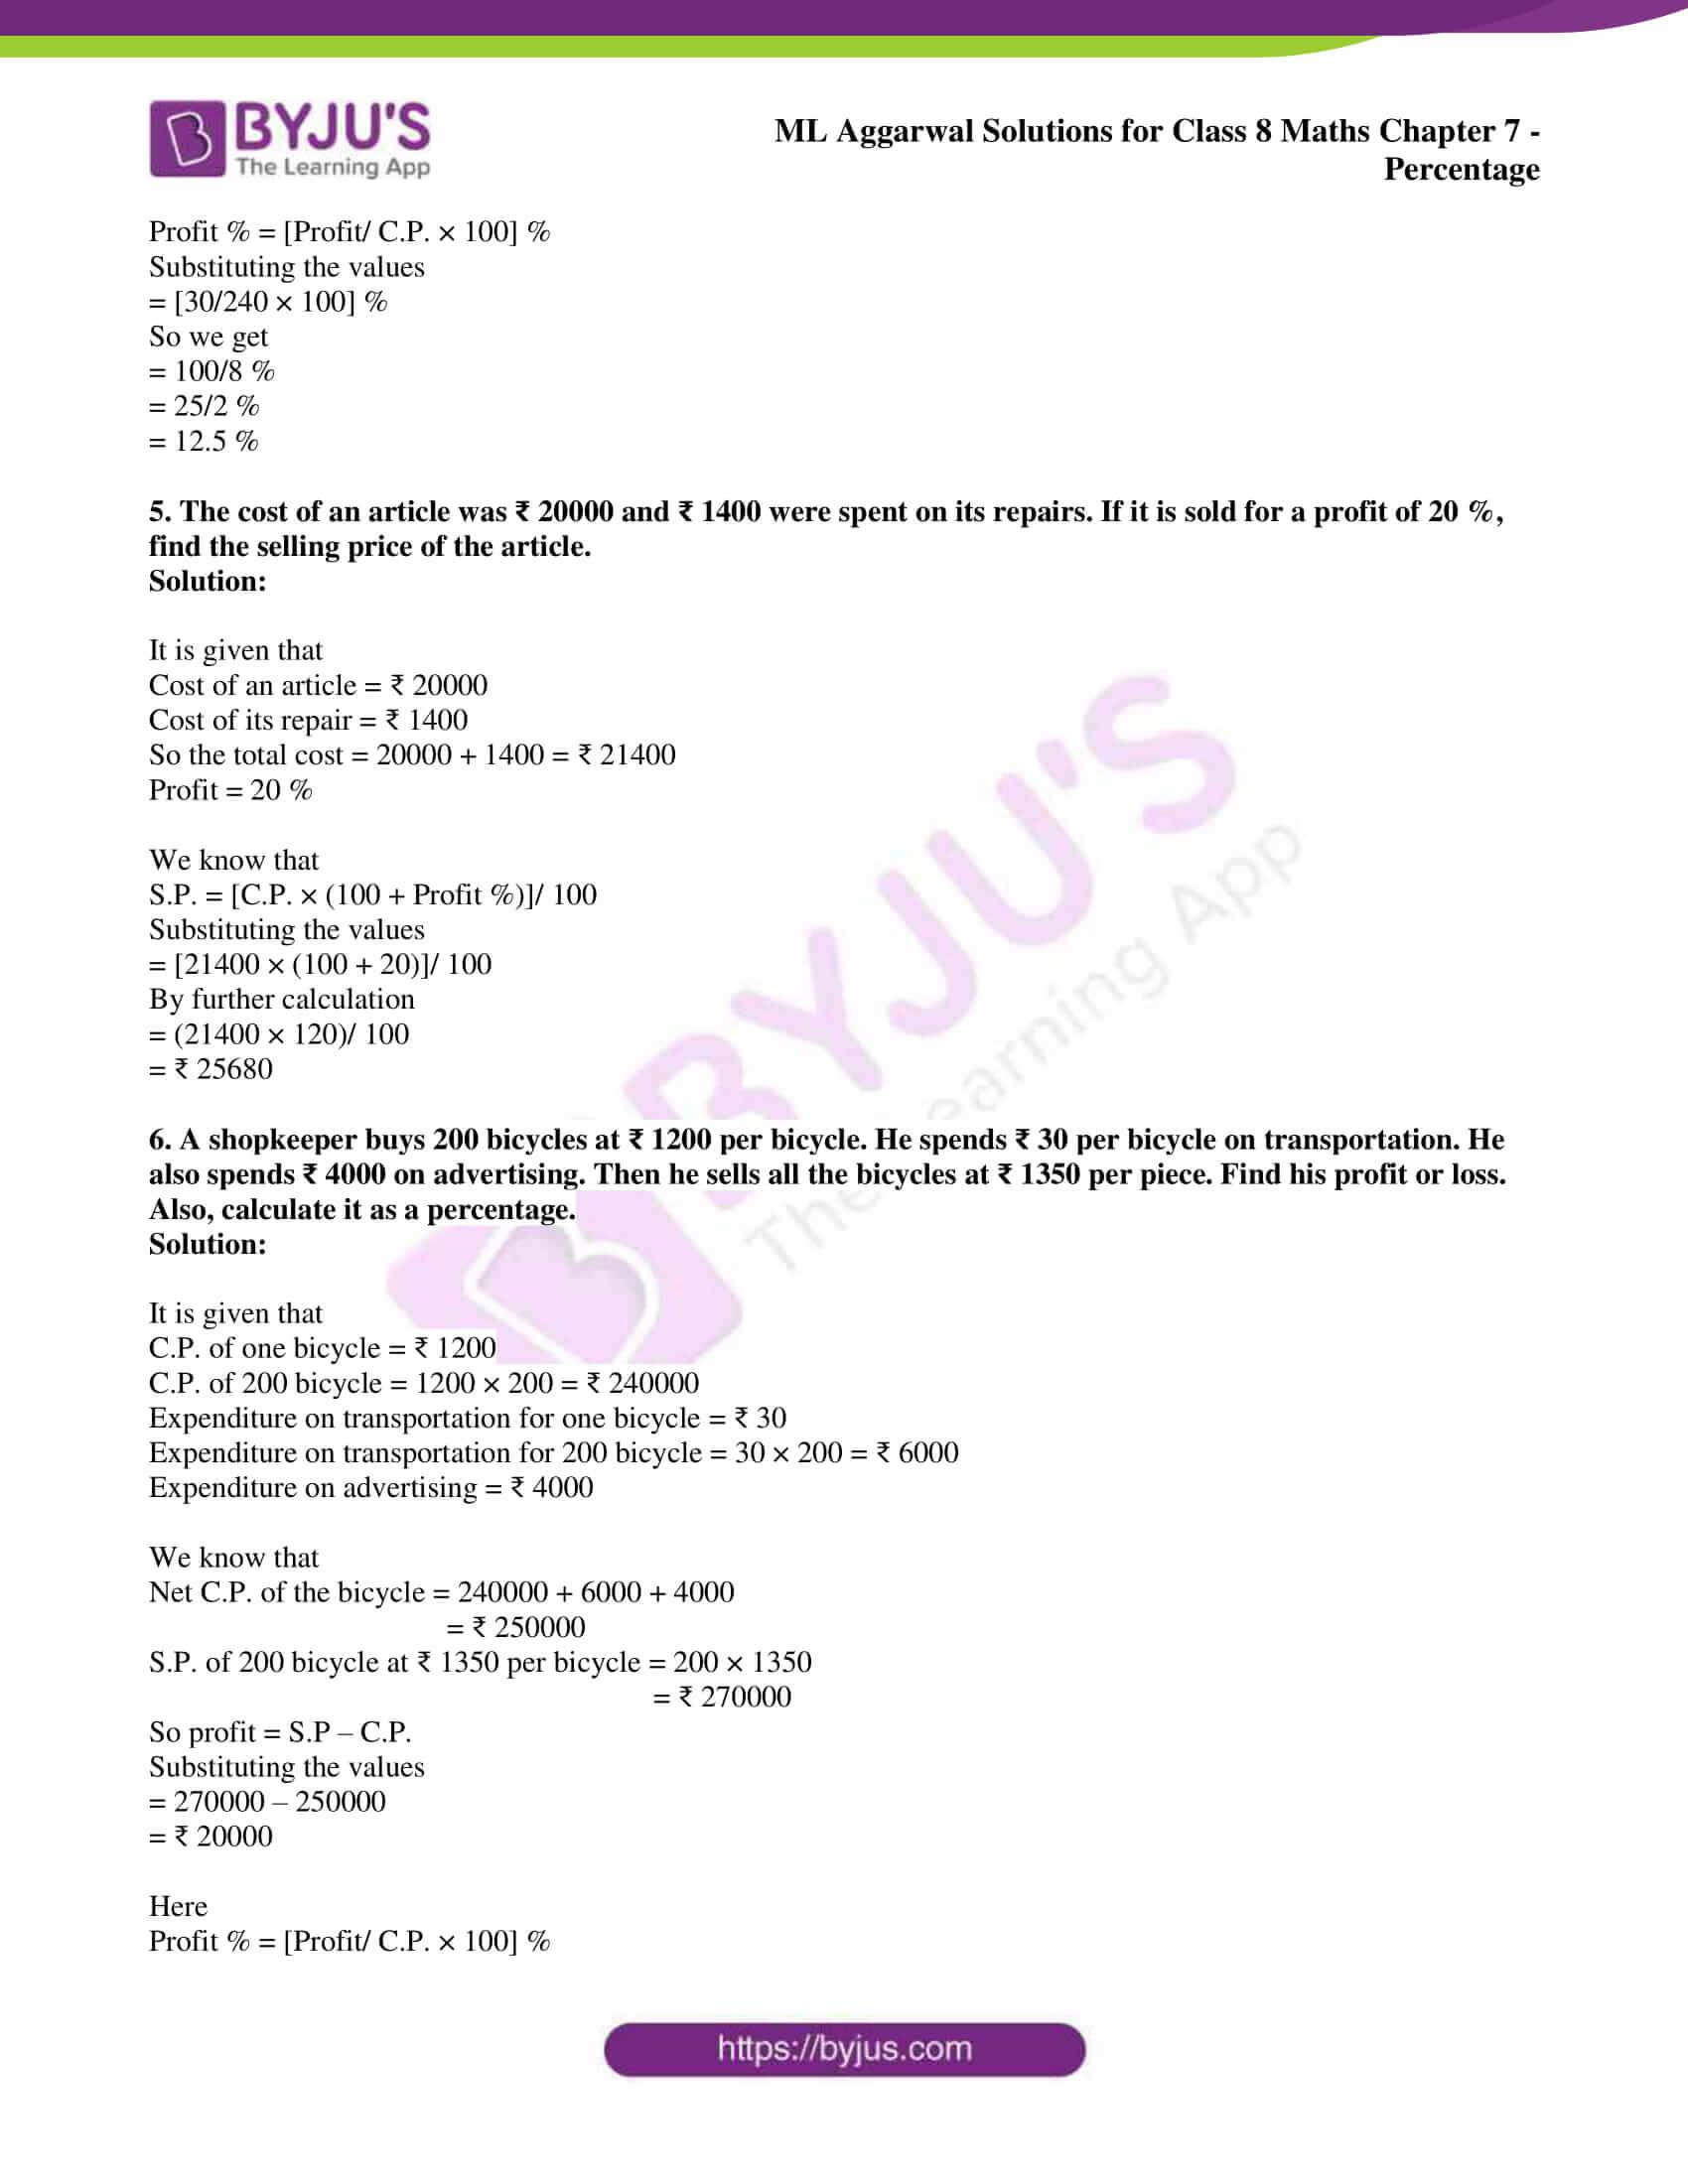 ml aggarwal sol mathematics class 8 ch 7 18